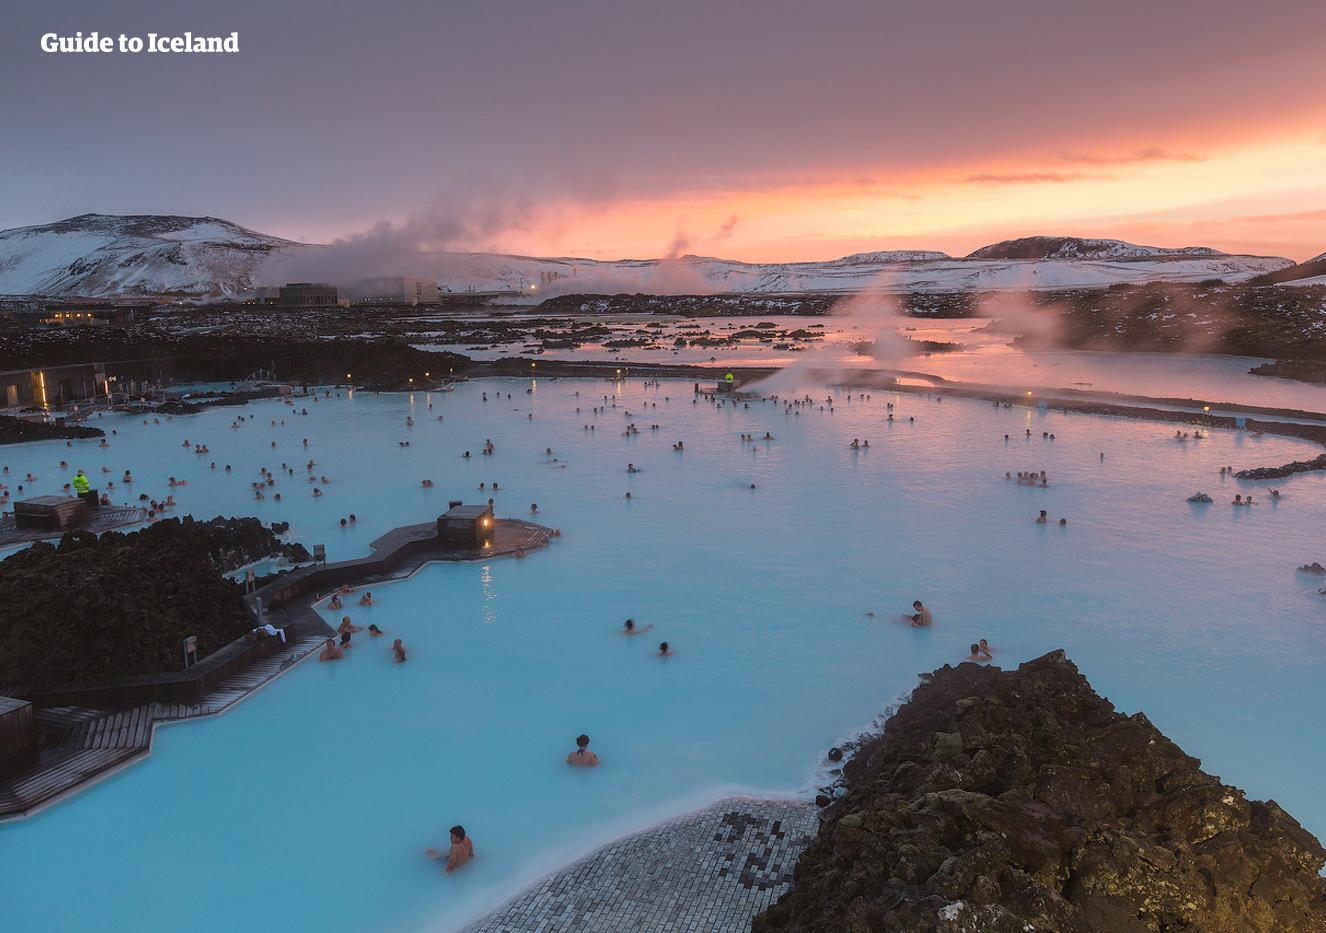 冰岛蓝湖温泉富含矿物质,让您在旅行之后放松身心。